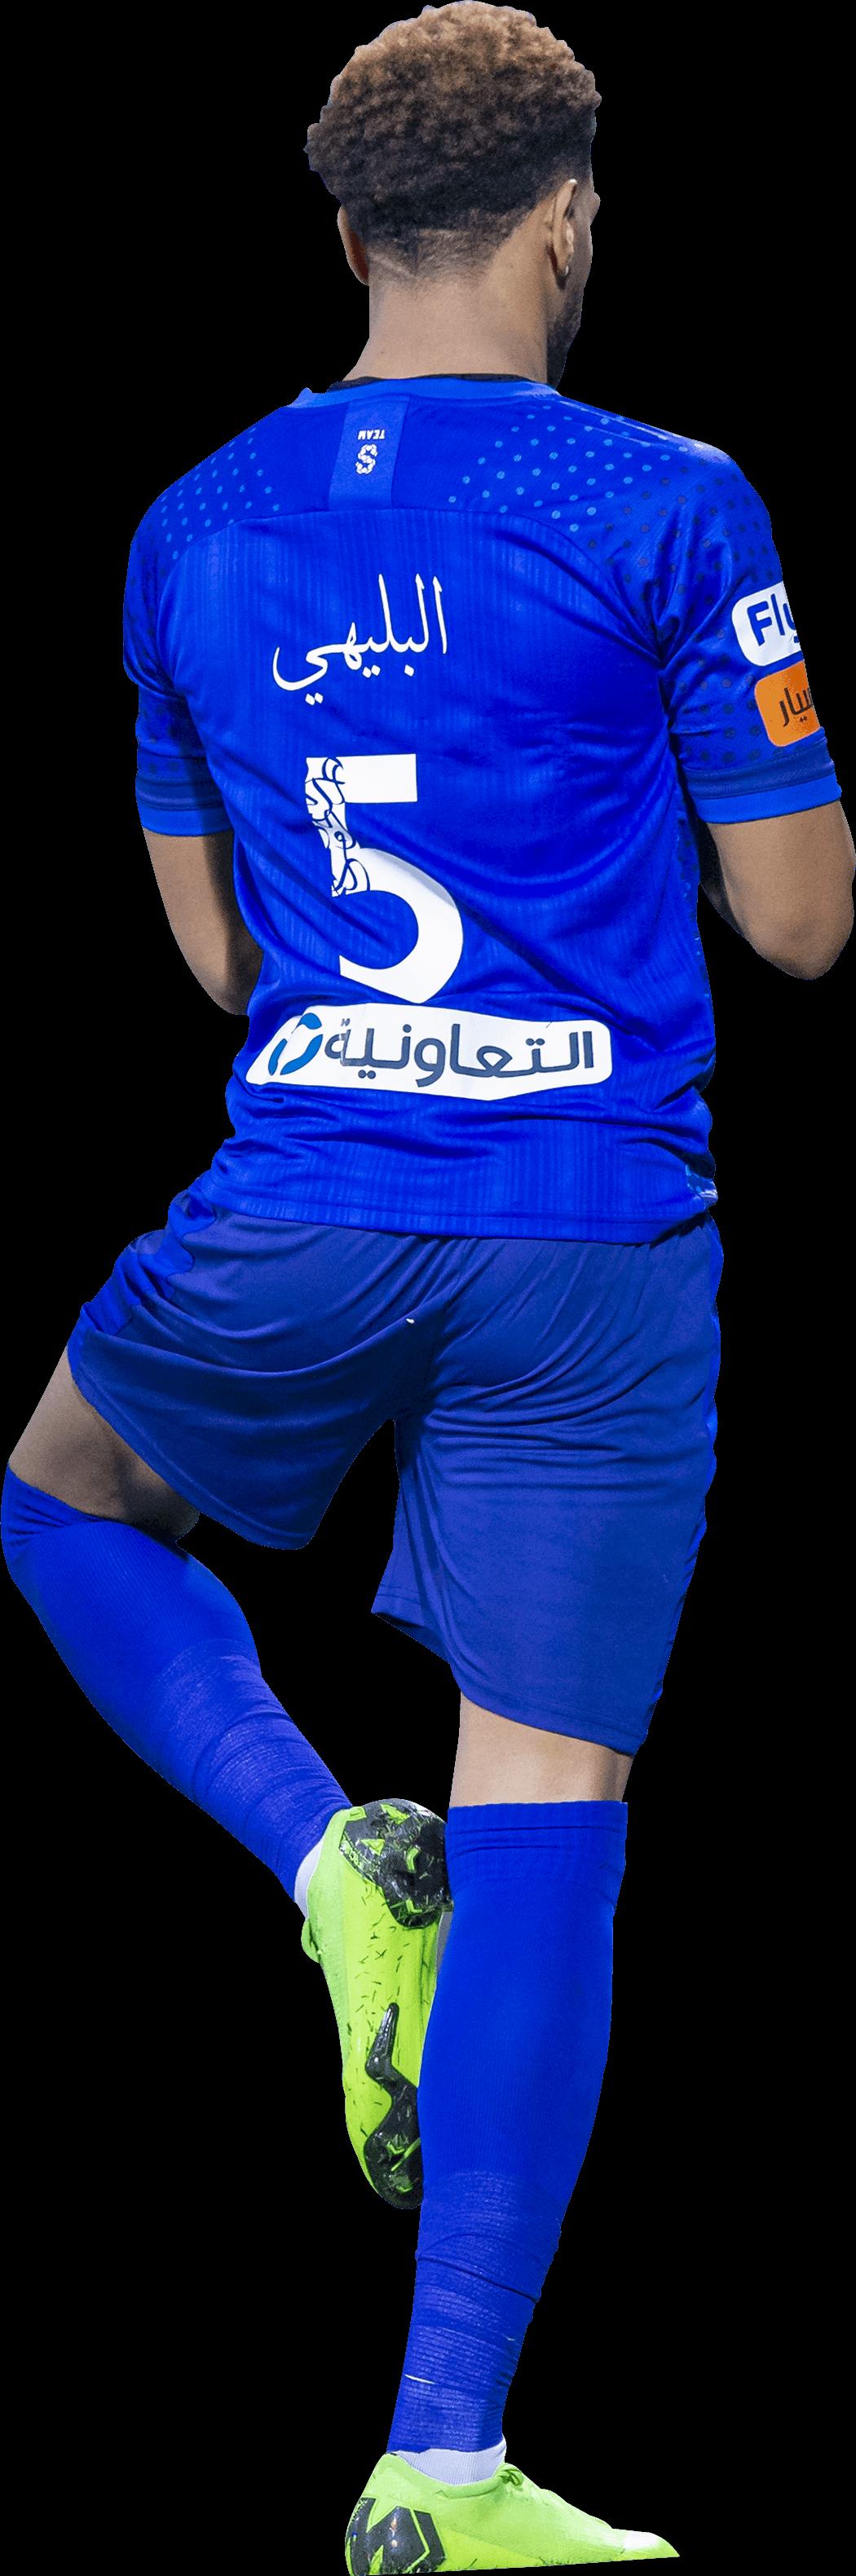 Ali Al-Boleahirender